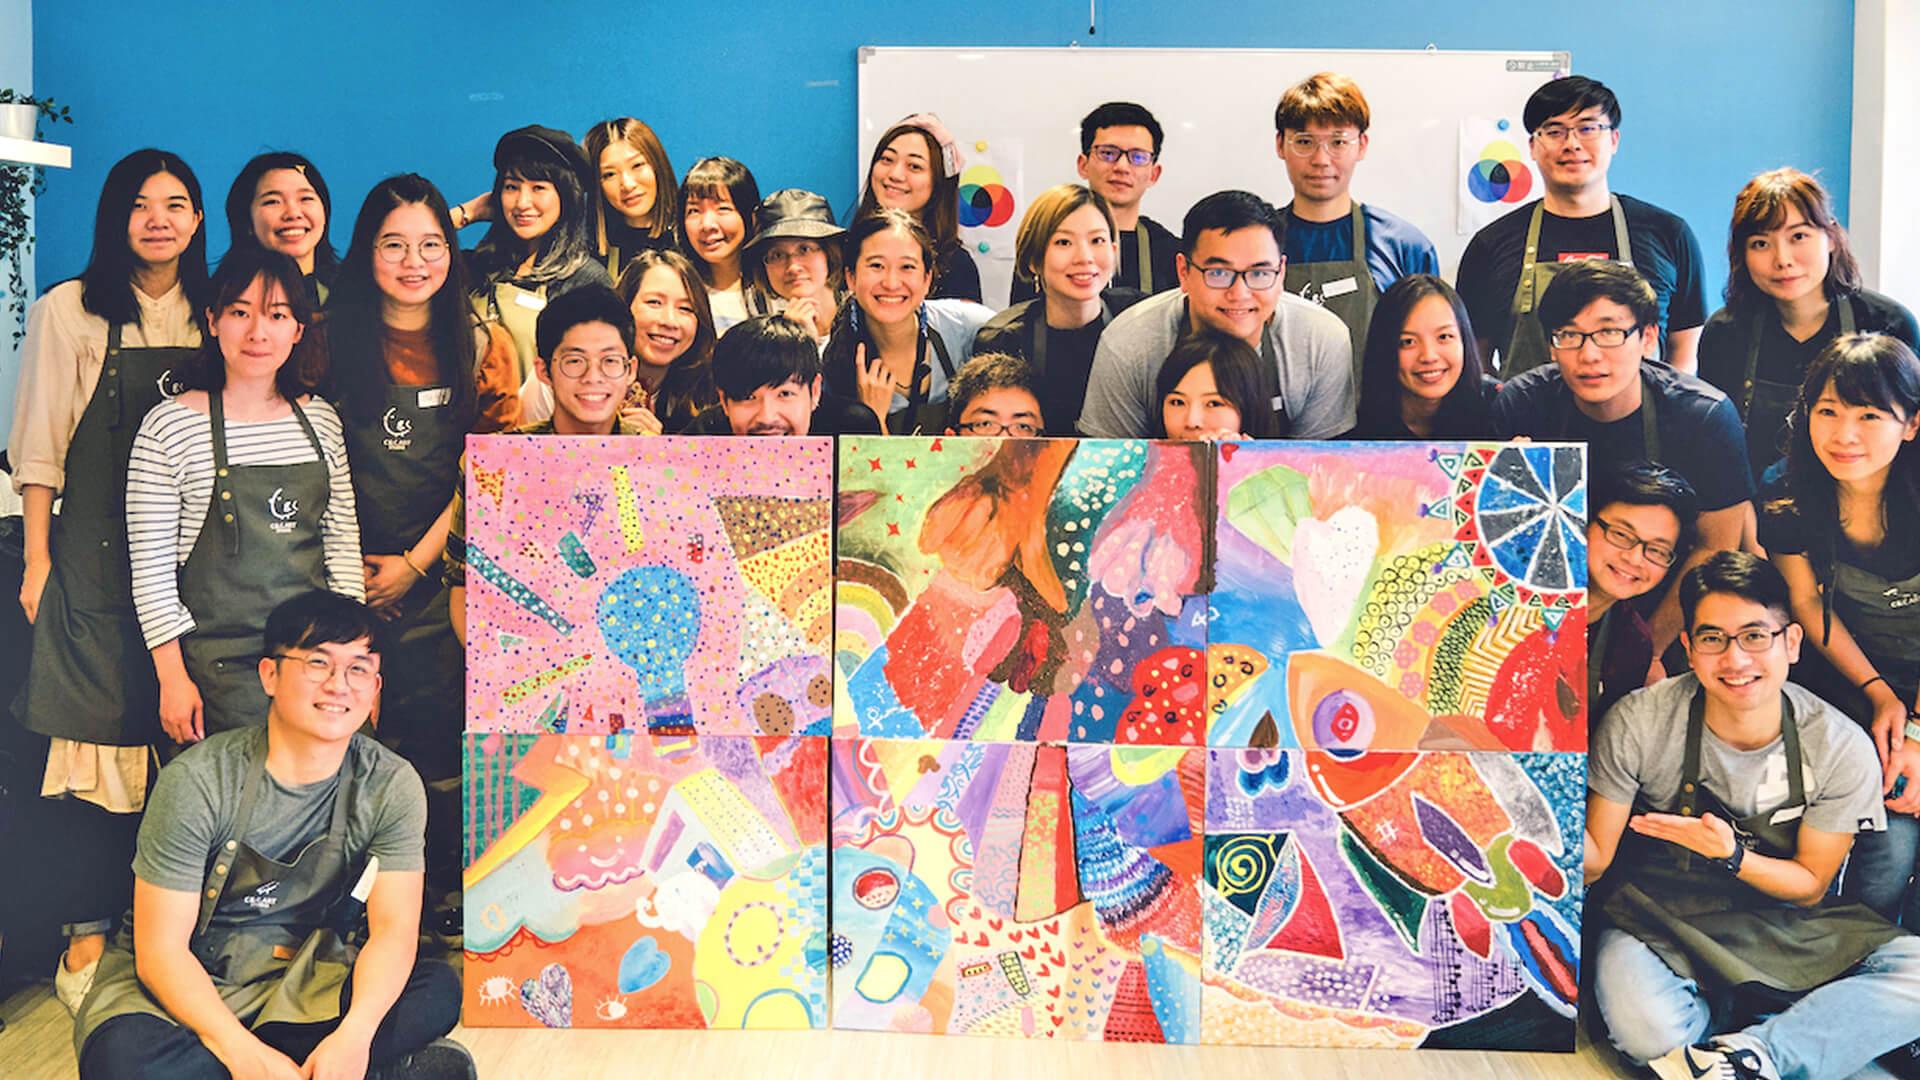 團隊拼畫 – 一起用畫筆,揮灑團隊的創意